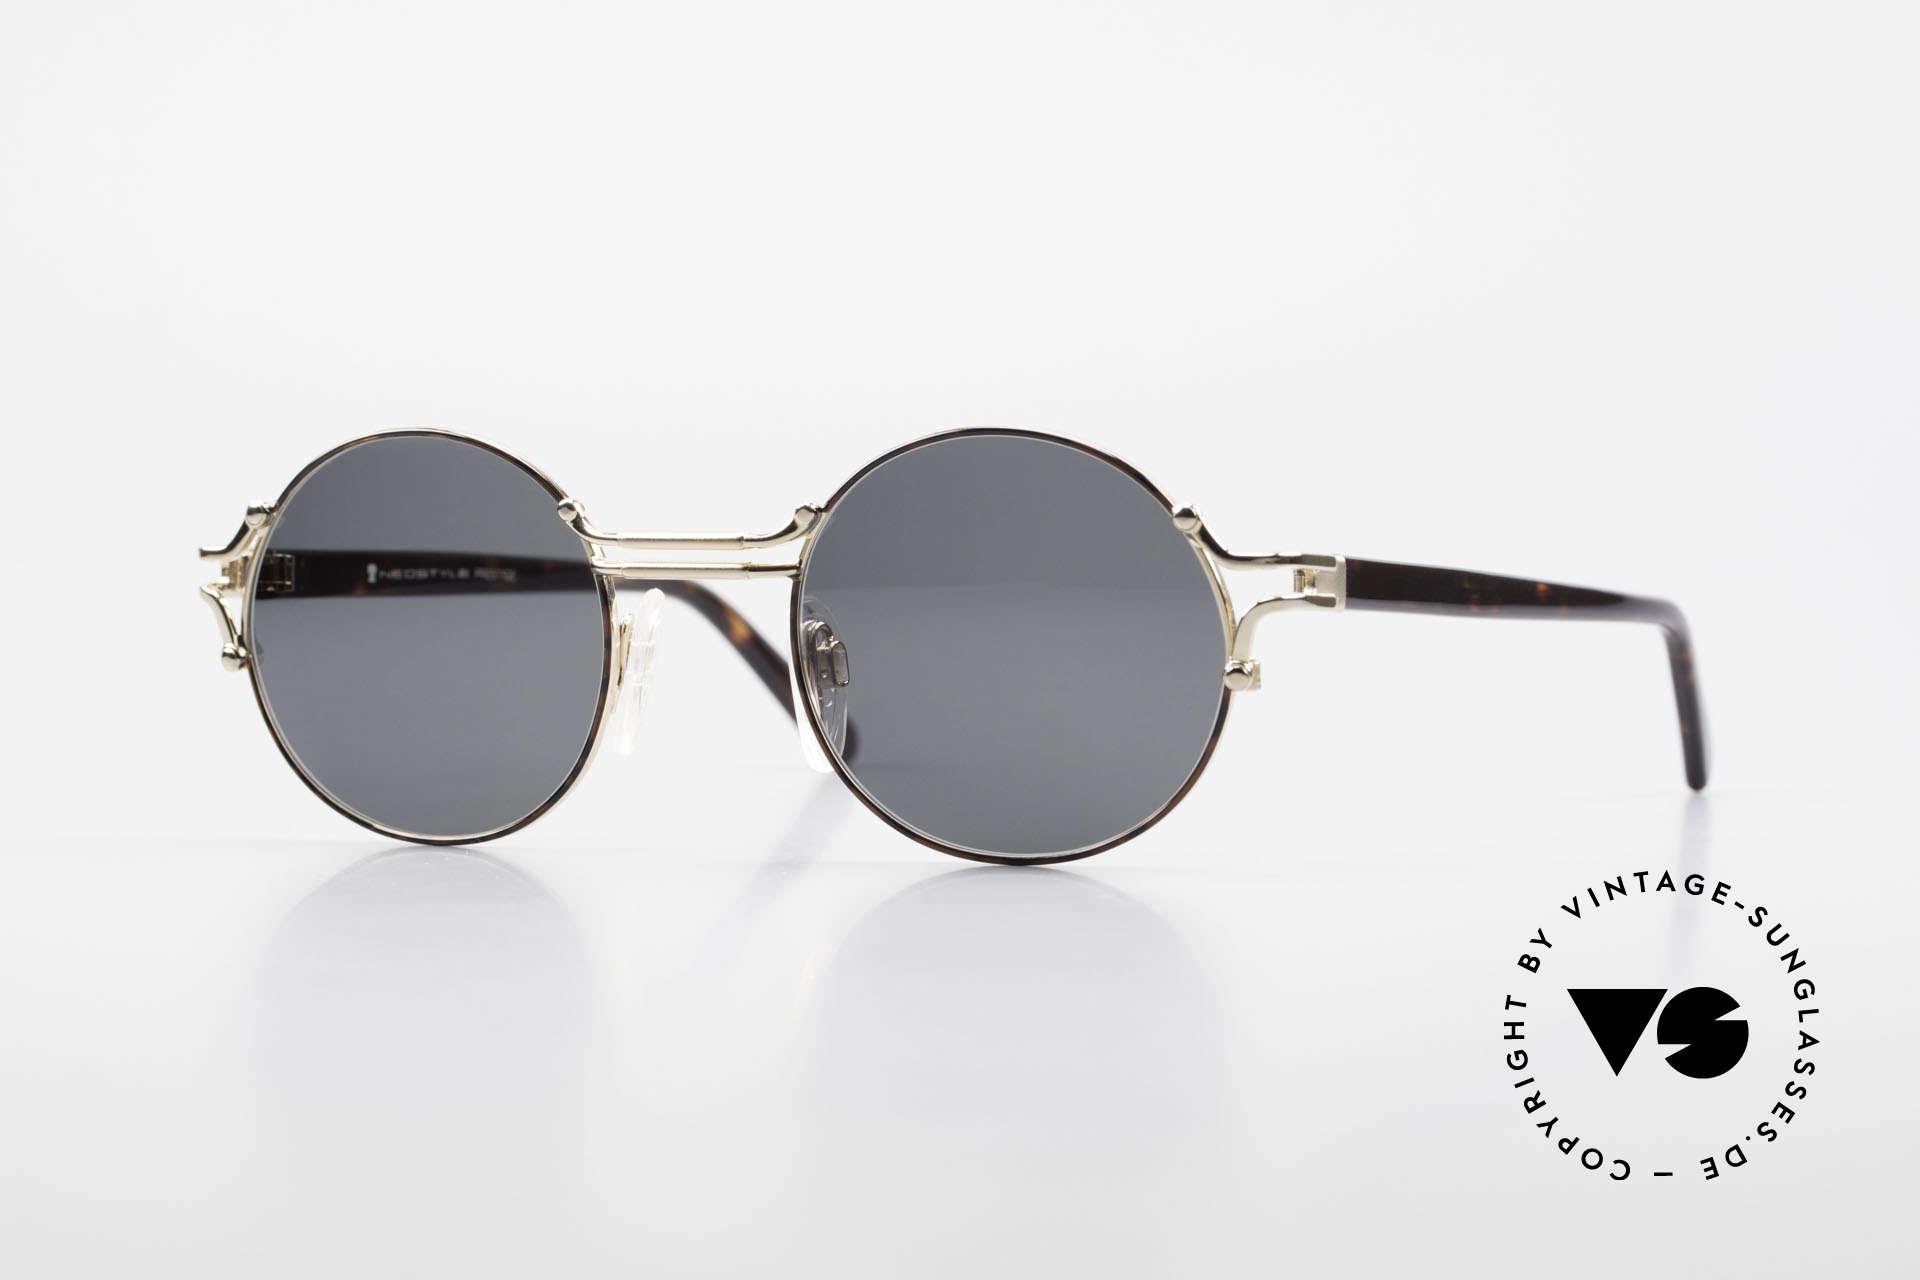 Neostyle Academic 8 Runde Vintage Sonnenbrille, Academic 8 Prestige Sonnenbrille von Neostyle, Passend für Herren und Damen